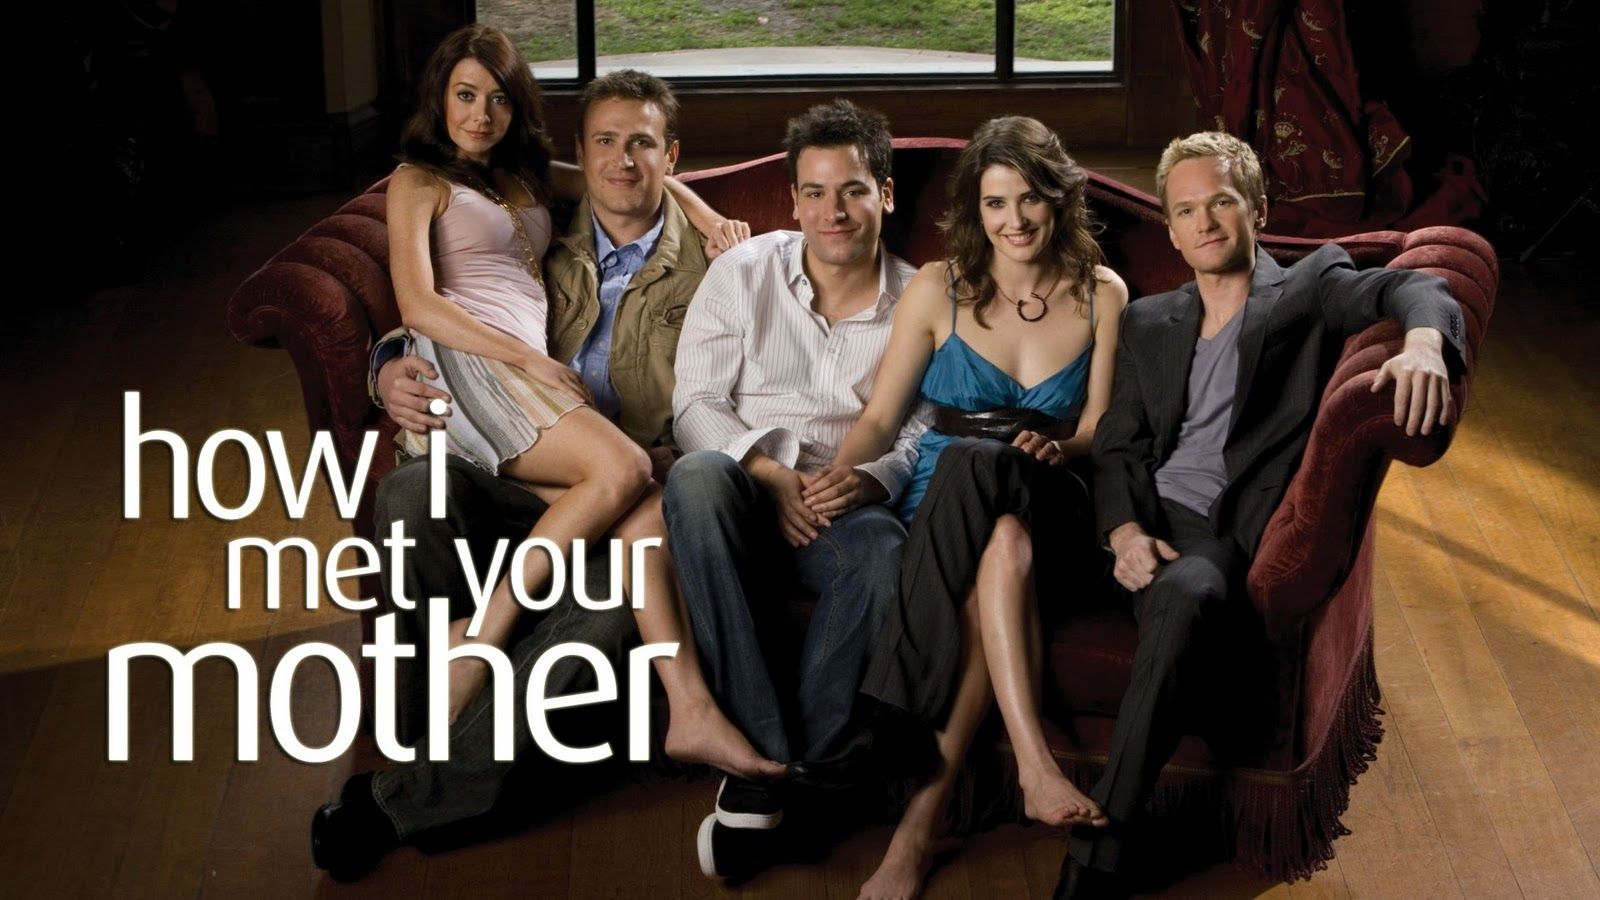 http://1.bp.blogspot.com/-hMrmkVEawzE/TnfTR1scYjI/AAAAAAAAAEo/QYqK4VeMqO4/s1600/How_I_Met_Your_Mother.jpg